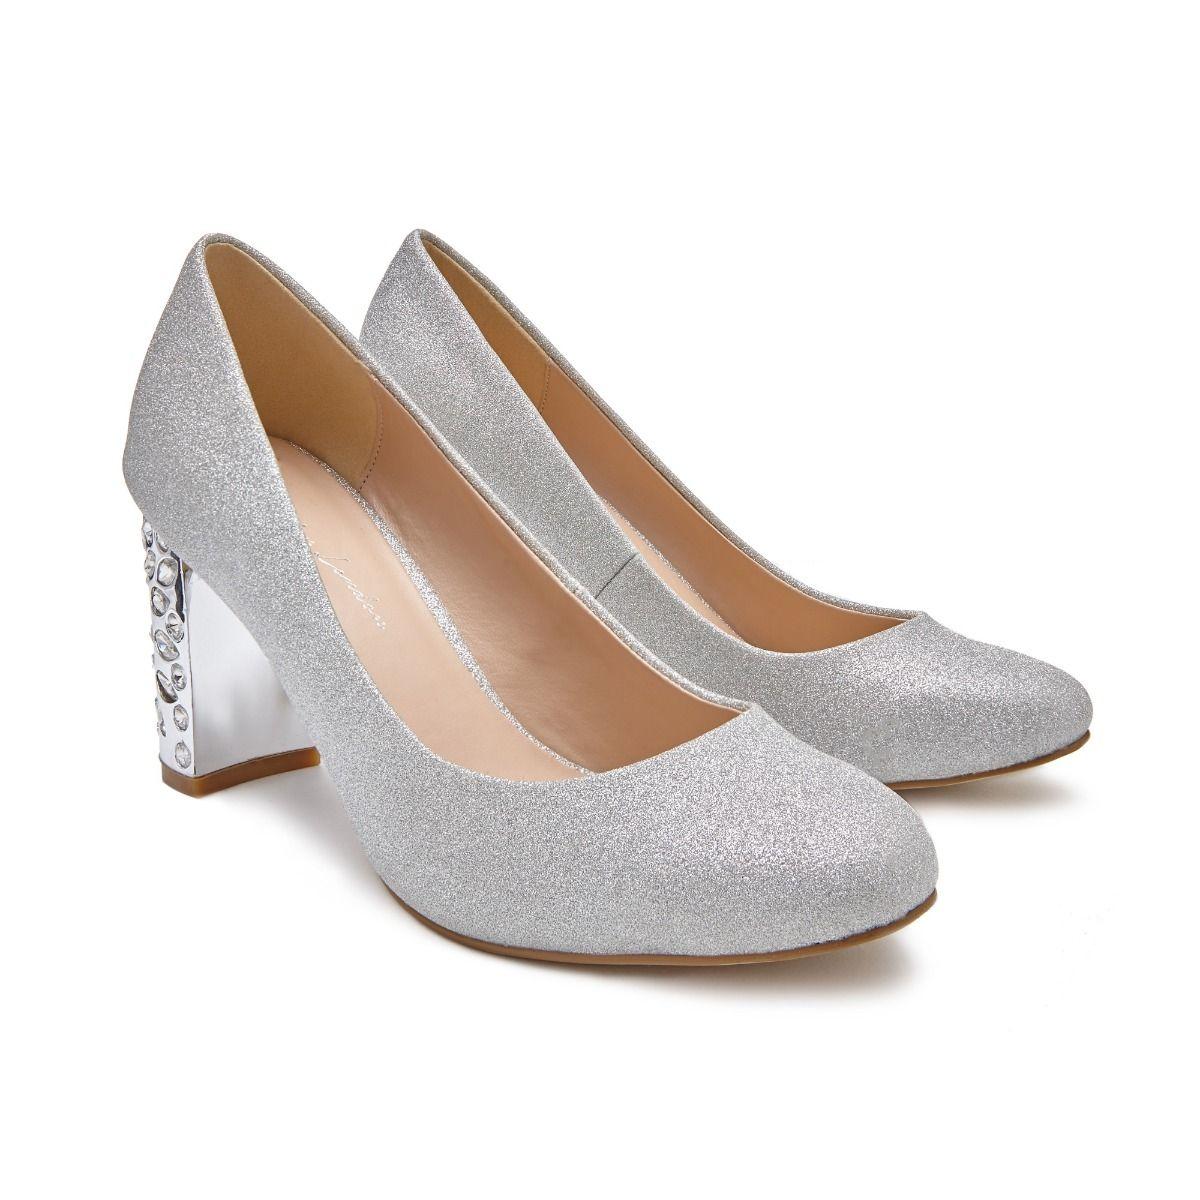 fe653fad356 Codee Mid Crystal Block Heel Silver Court Shoe